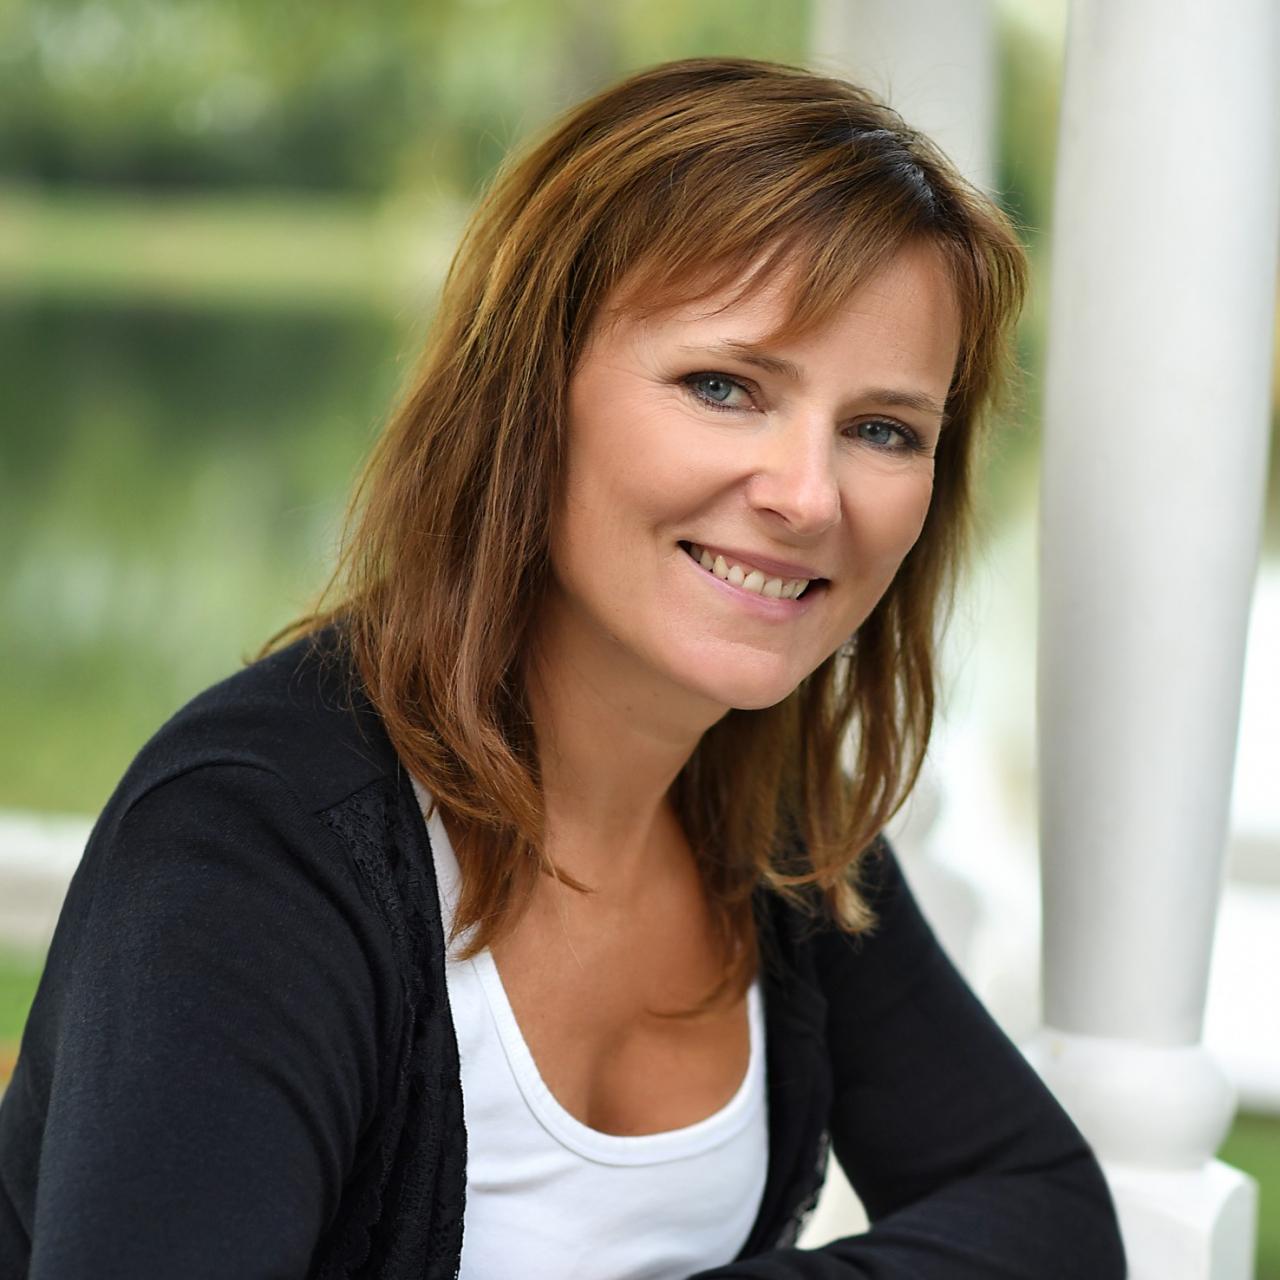 Leona Bubeníčková